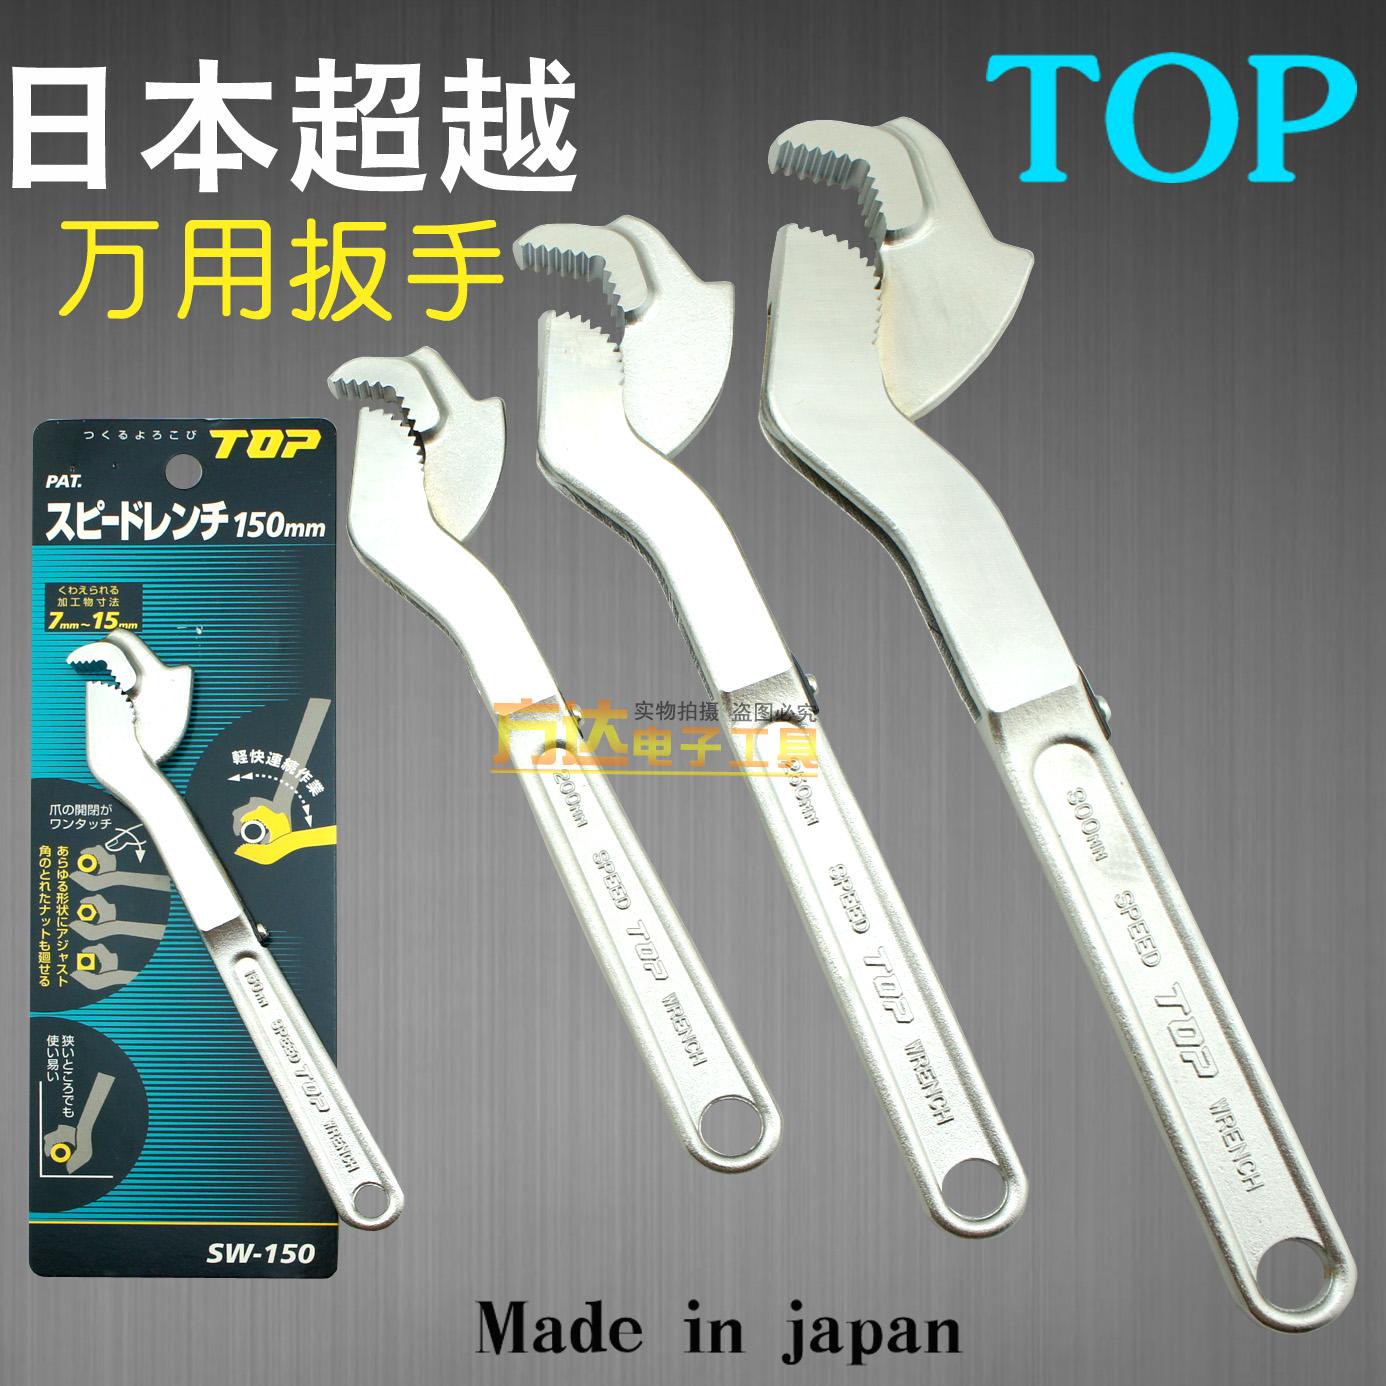 包邮日本超越TOP多功能快速水管钳勾型钳开口管子钳活动扳手